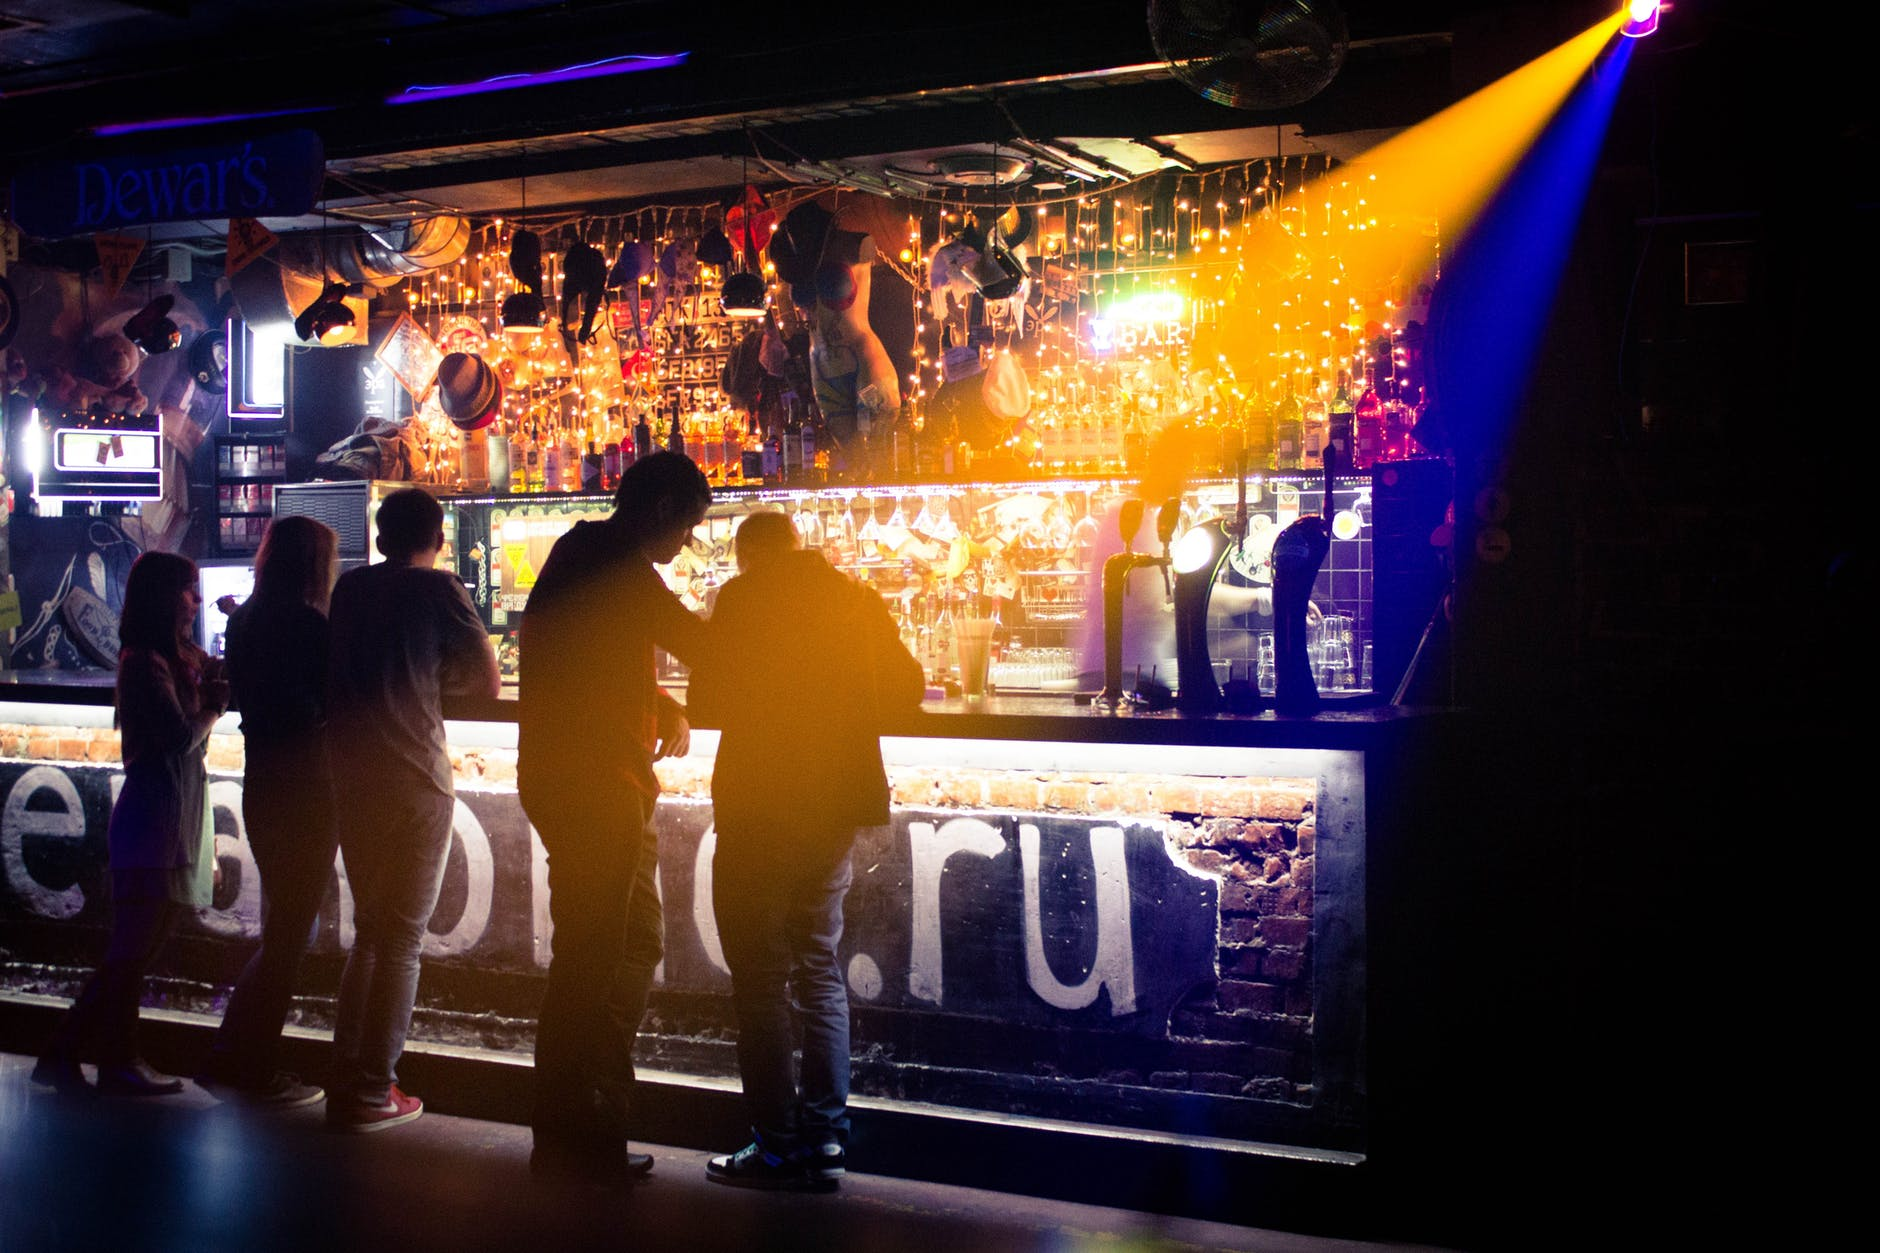 bar club nightlife party